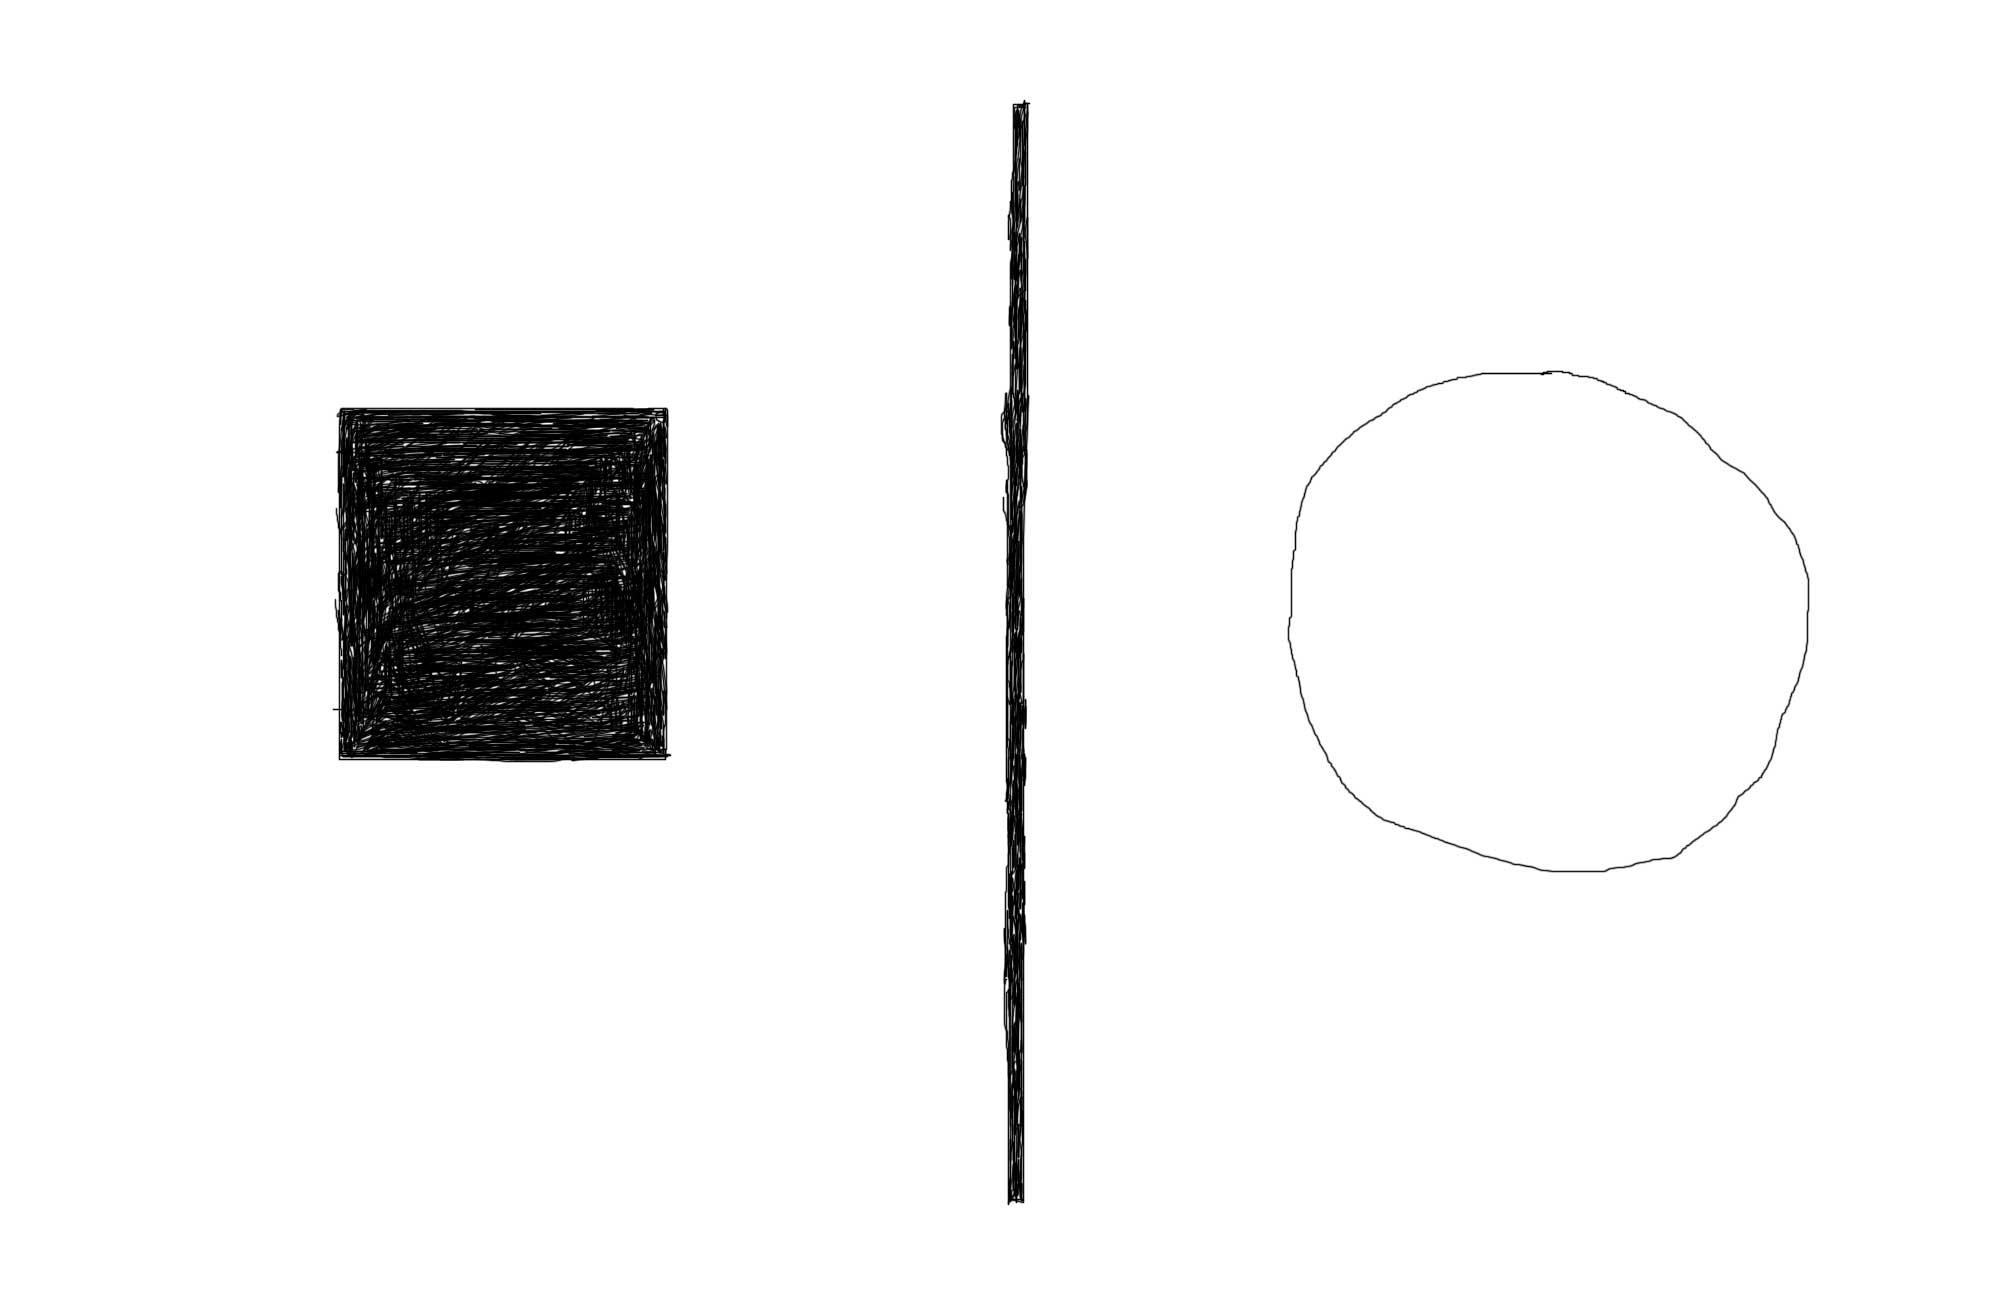 square-circle